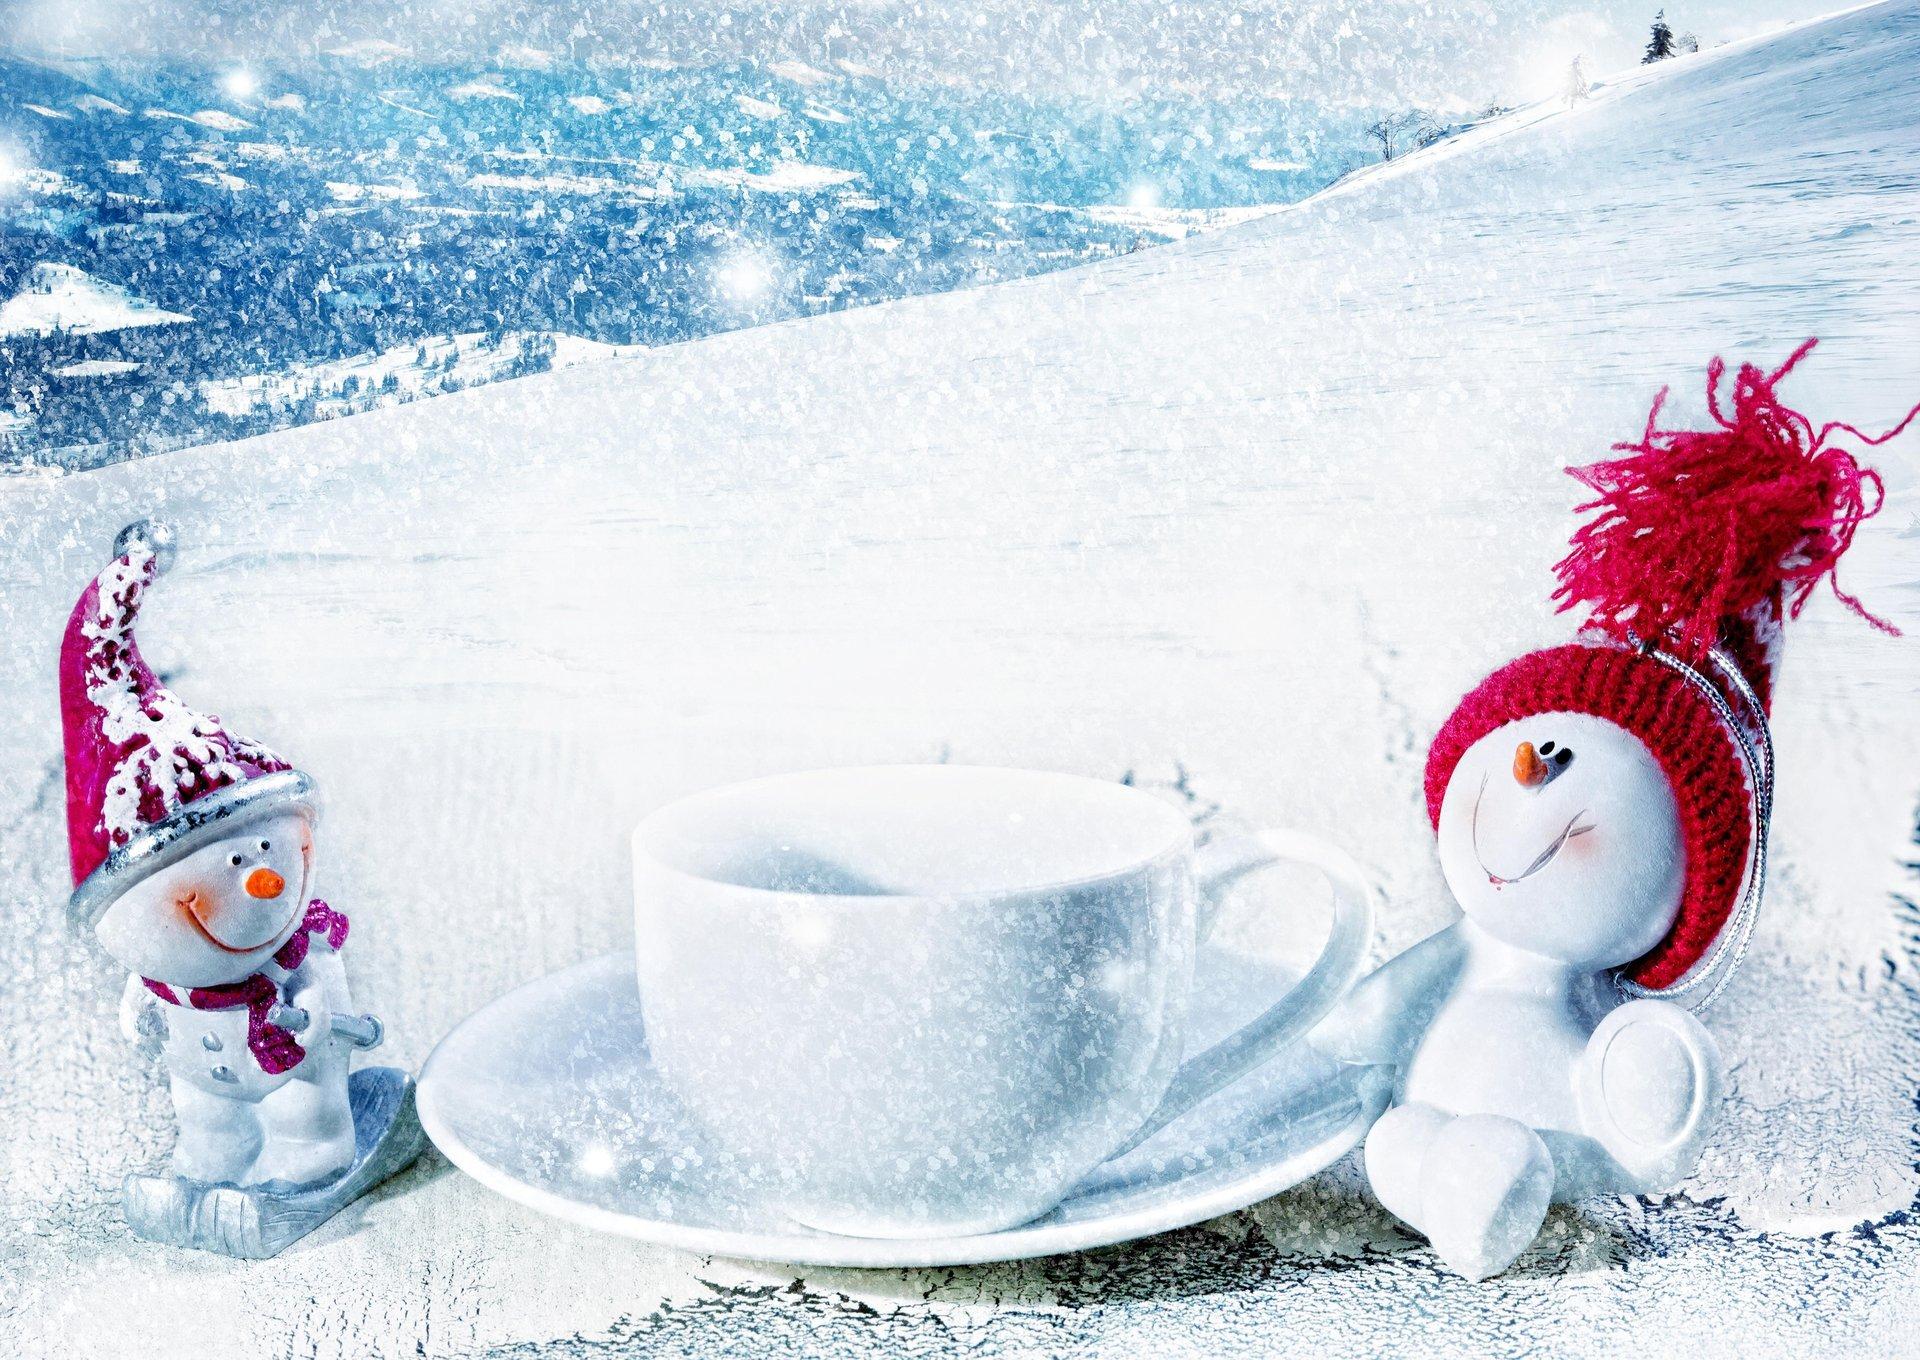 Прикольные картинки на зимнюю тематику